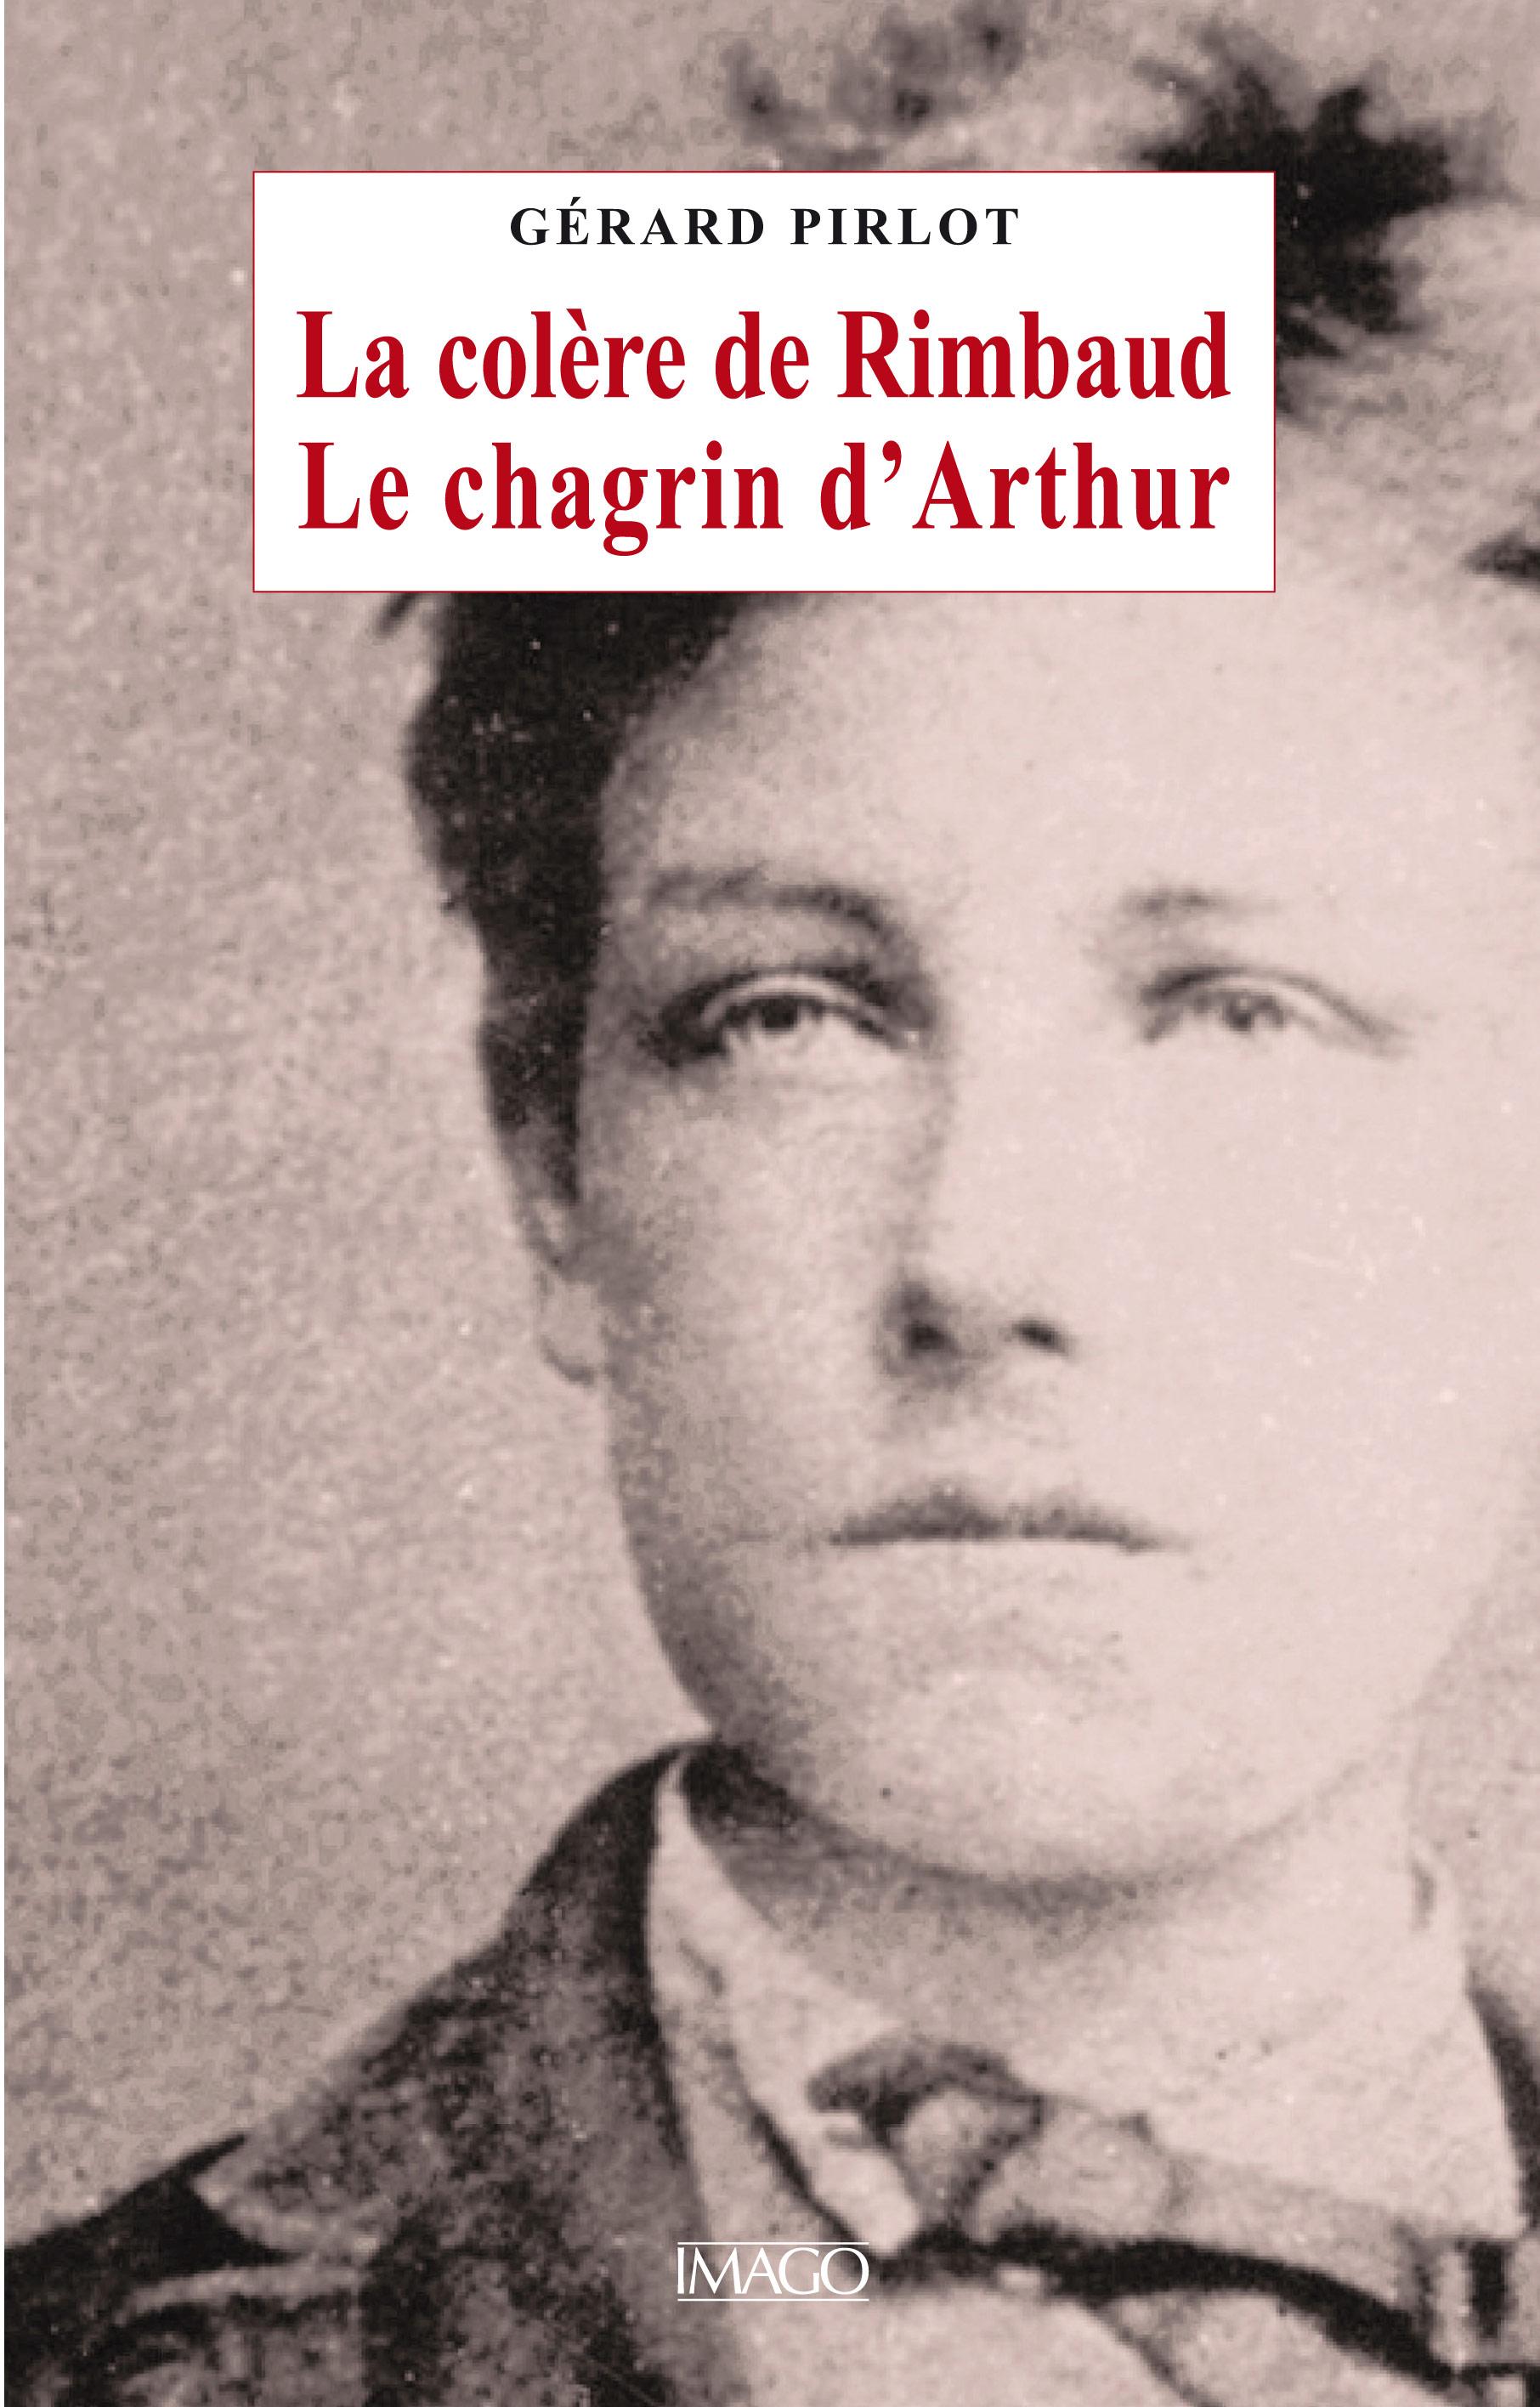 La Colère de Rimbaud, le chagrin d'Arthur